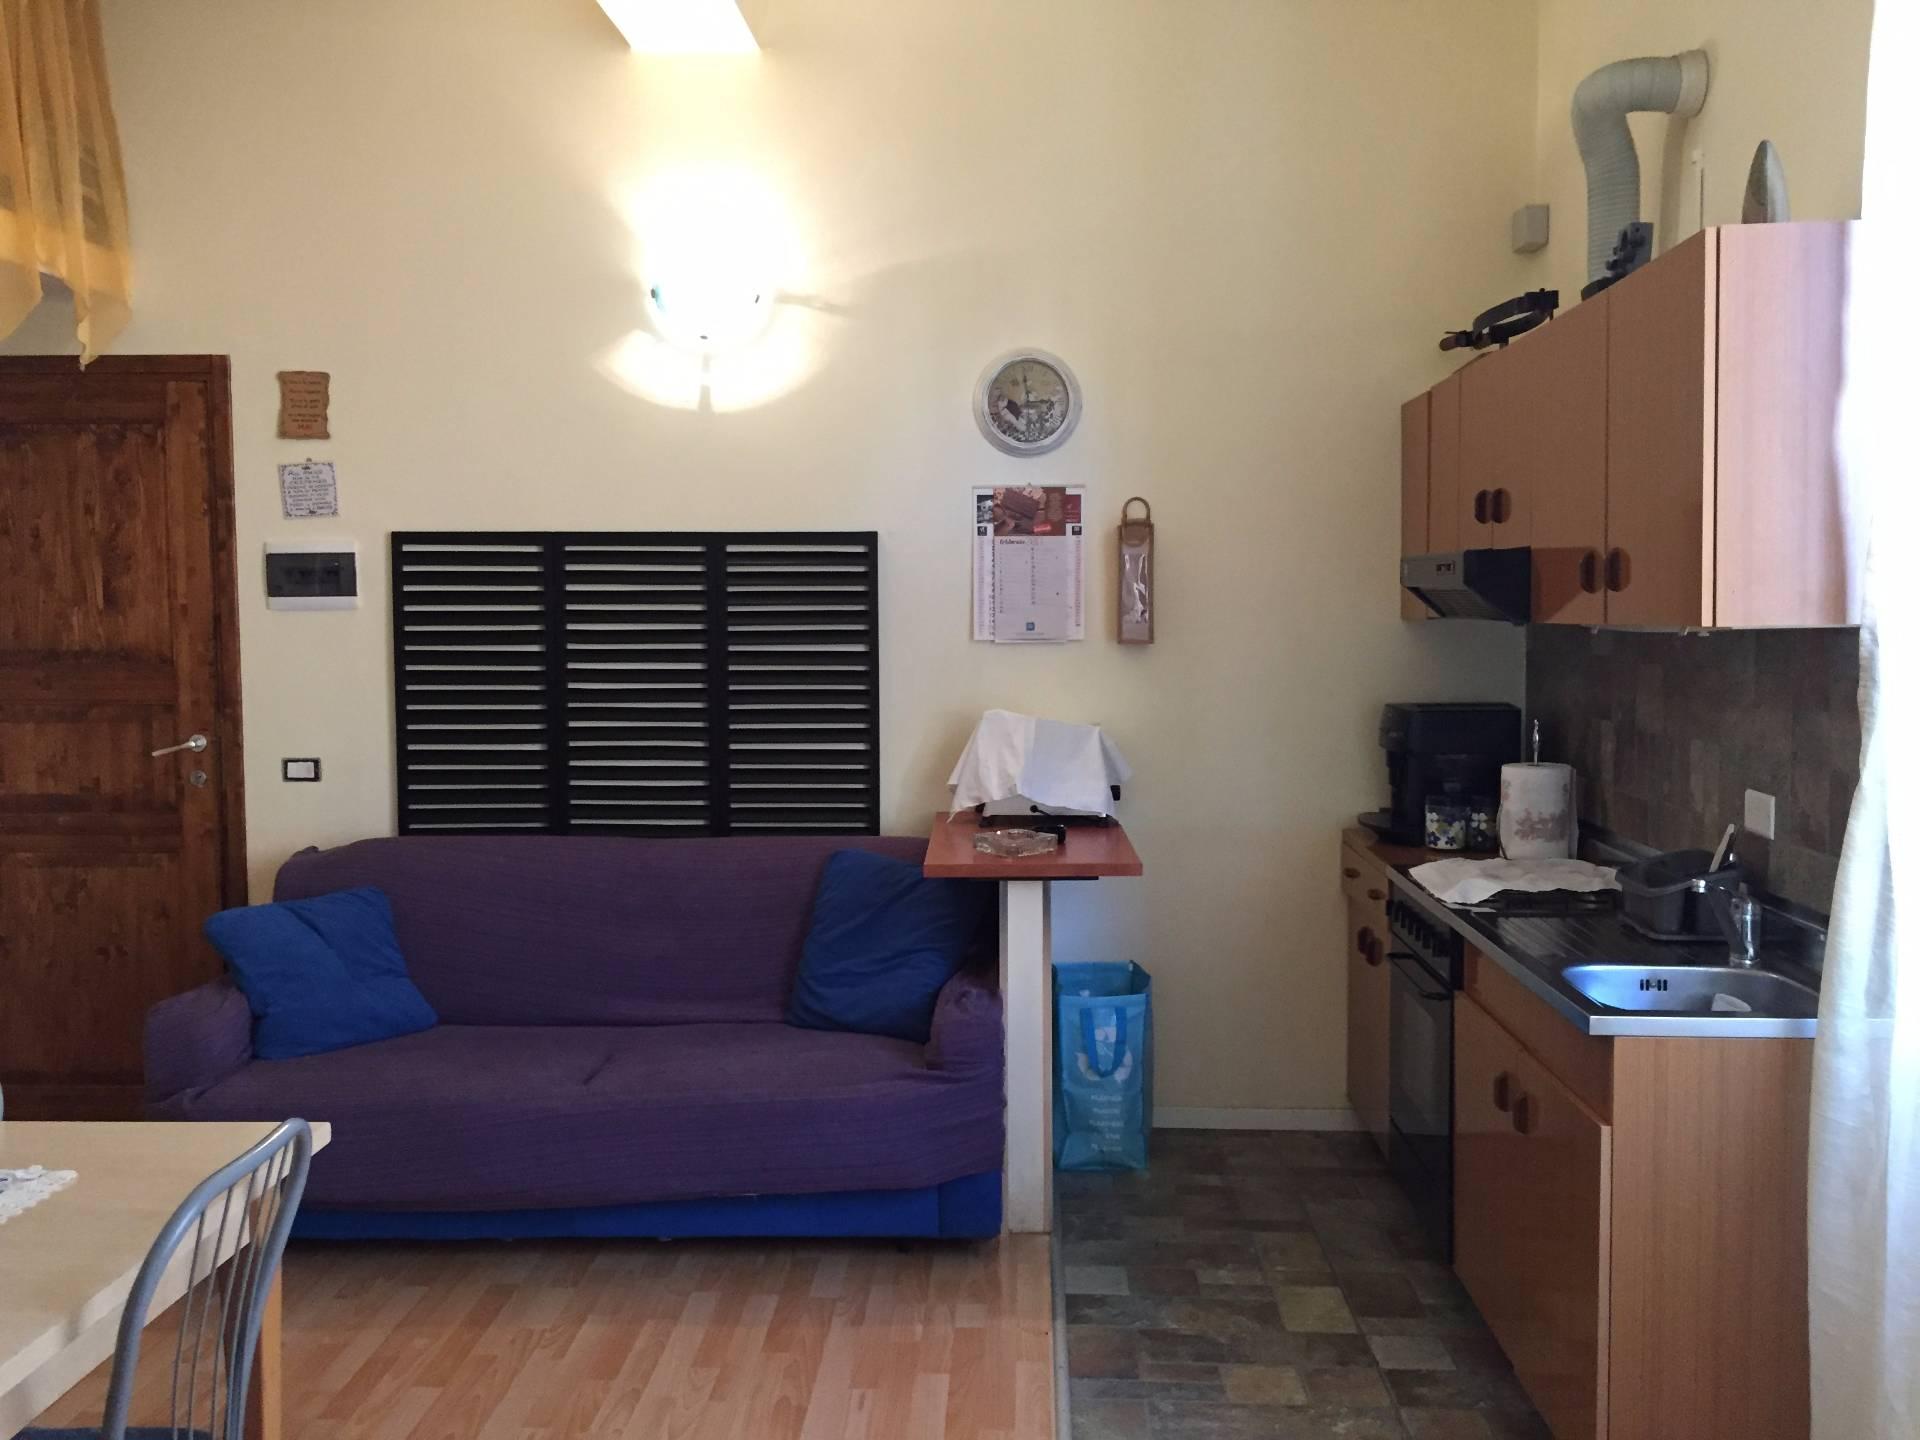 Appartamento in vendita a Caslino d'Erba, 3 locali, prezzo € 55.000 | CambioCasa.it